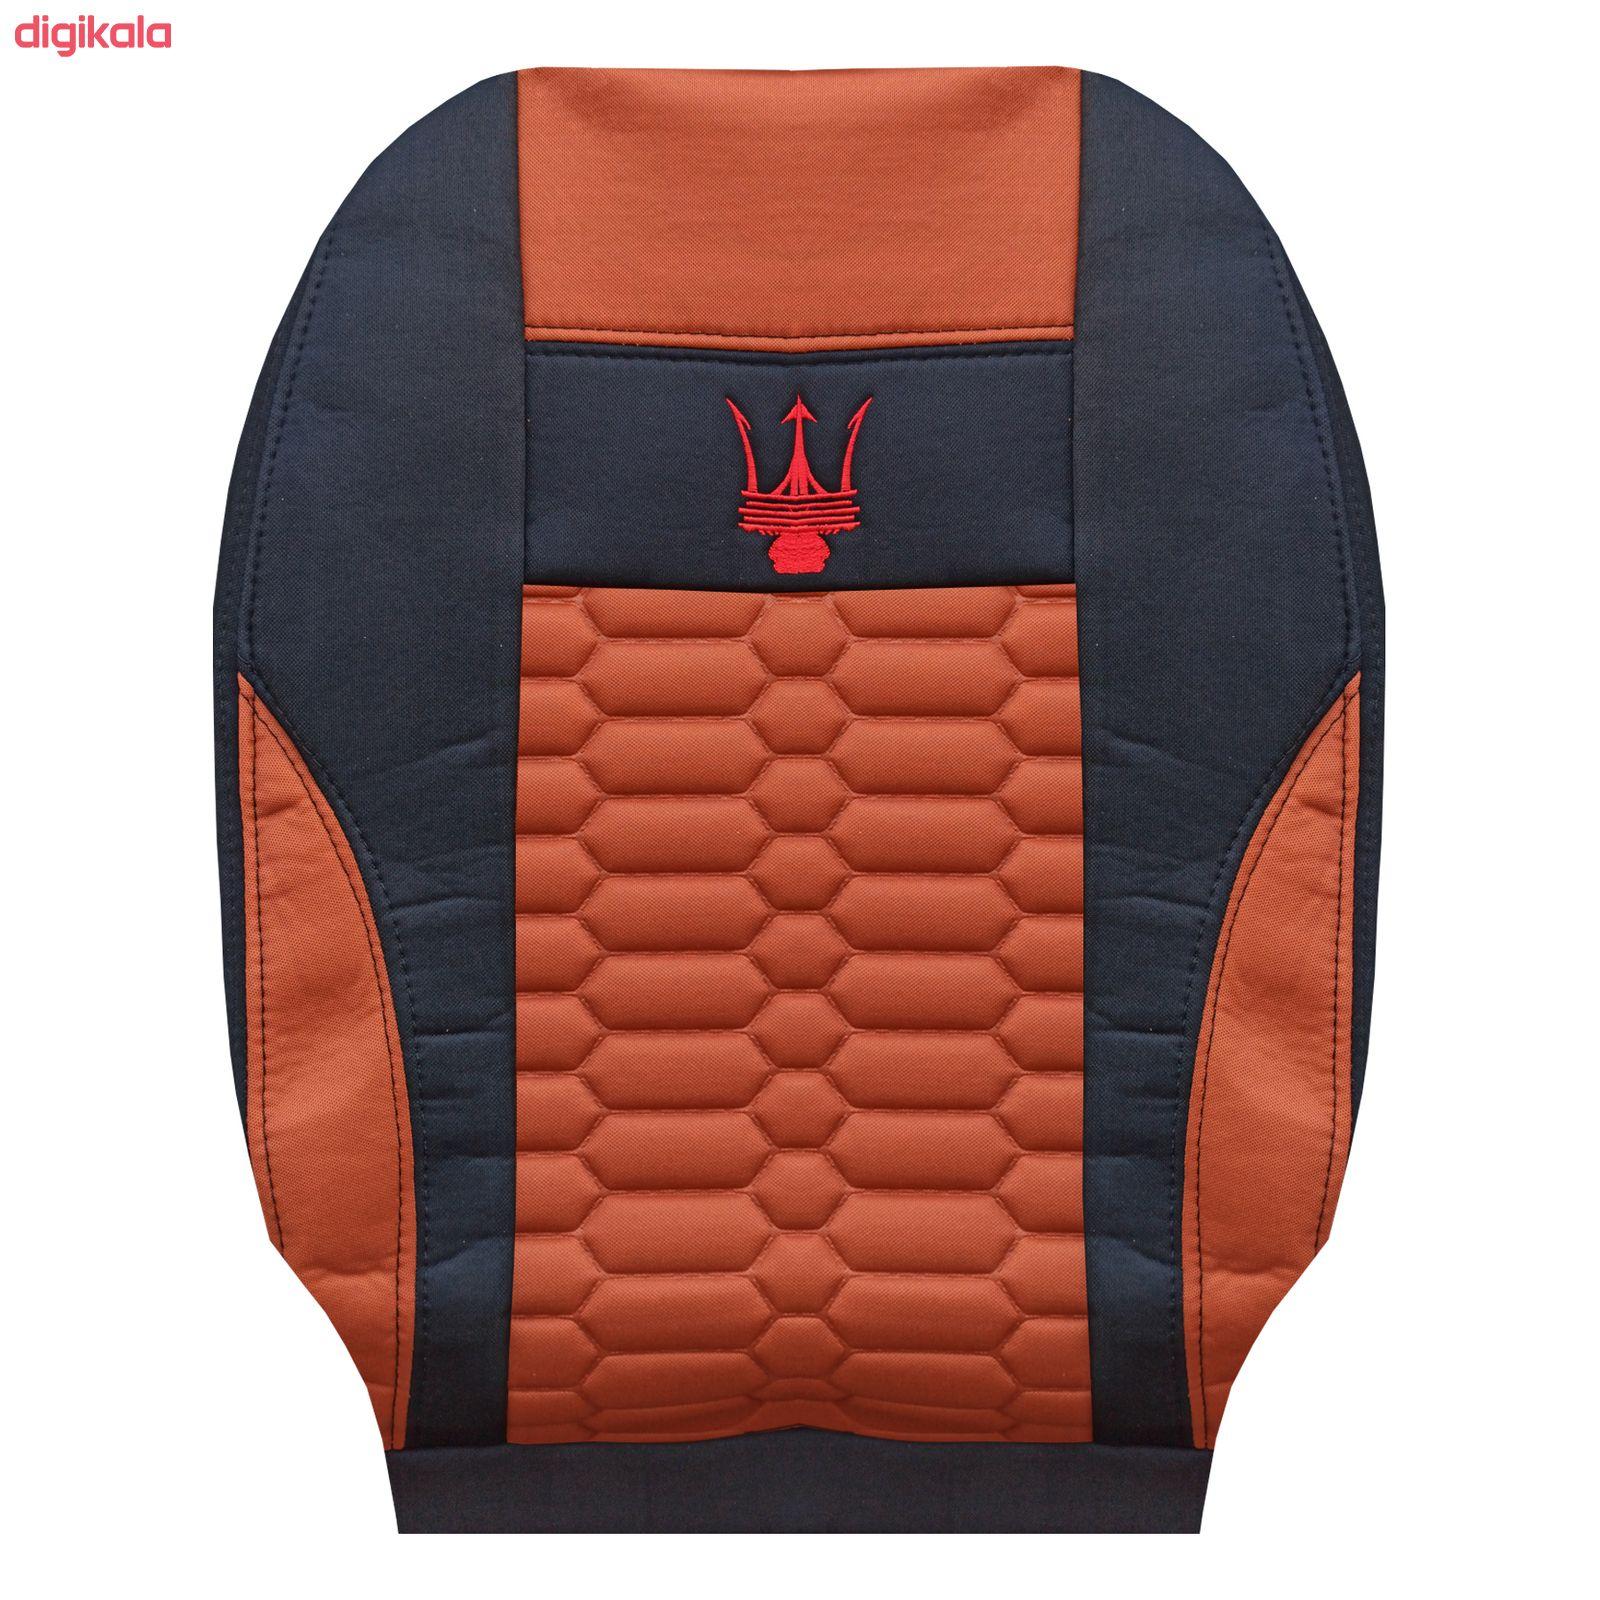 روکش صندلی خودرو مدل SAR003 مناسب برای پراید 131 main 1 5